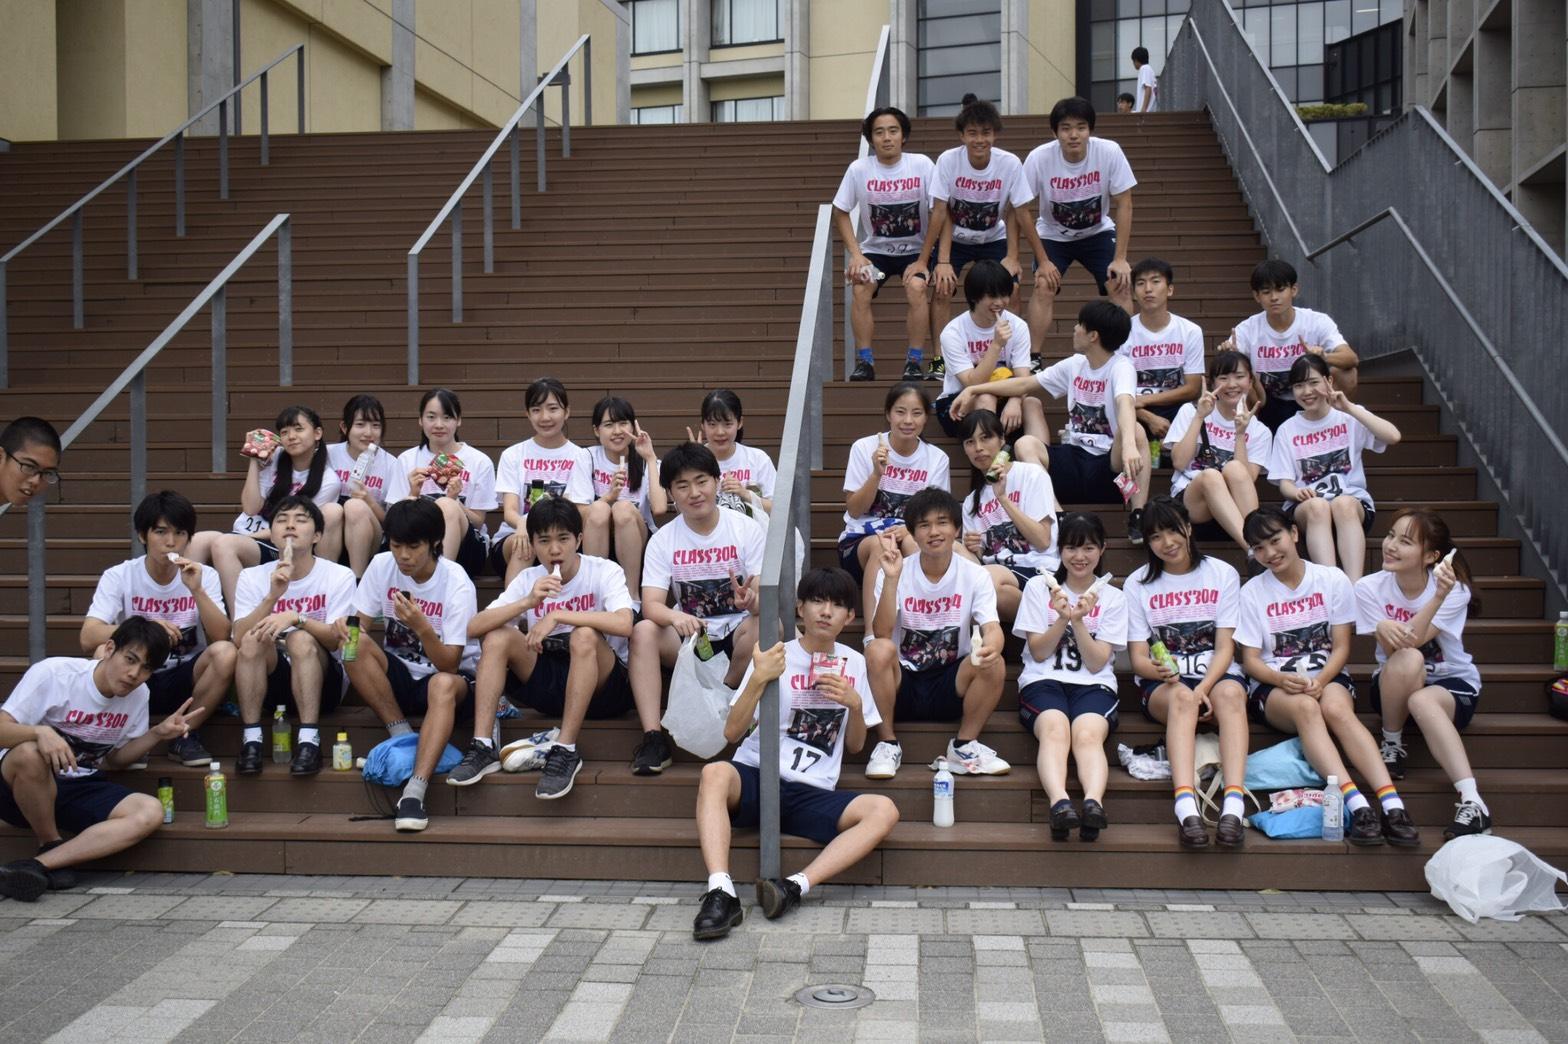 高校生クラスTシャツ2019青山学院高等部(HR304)様(デカプリライト両面)